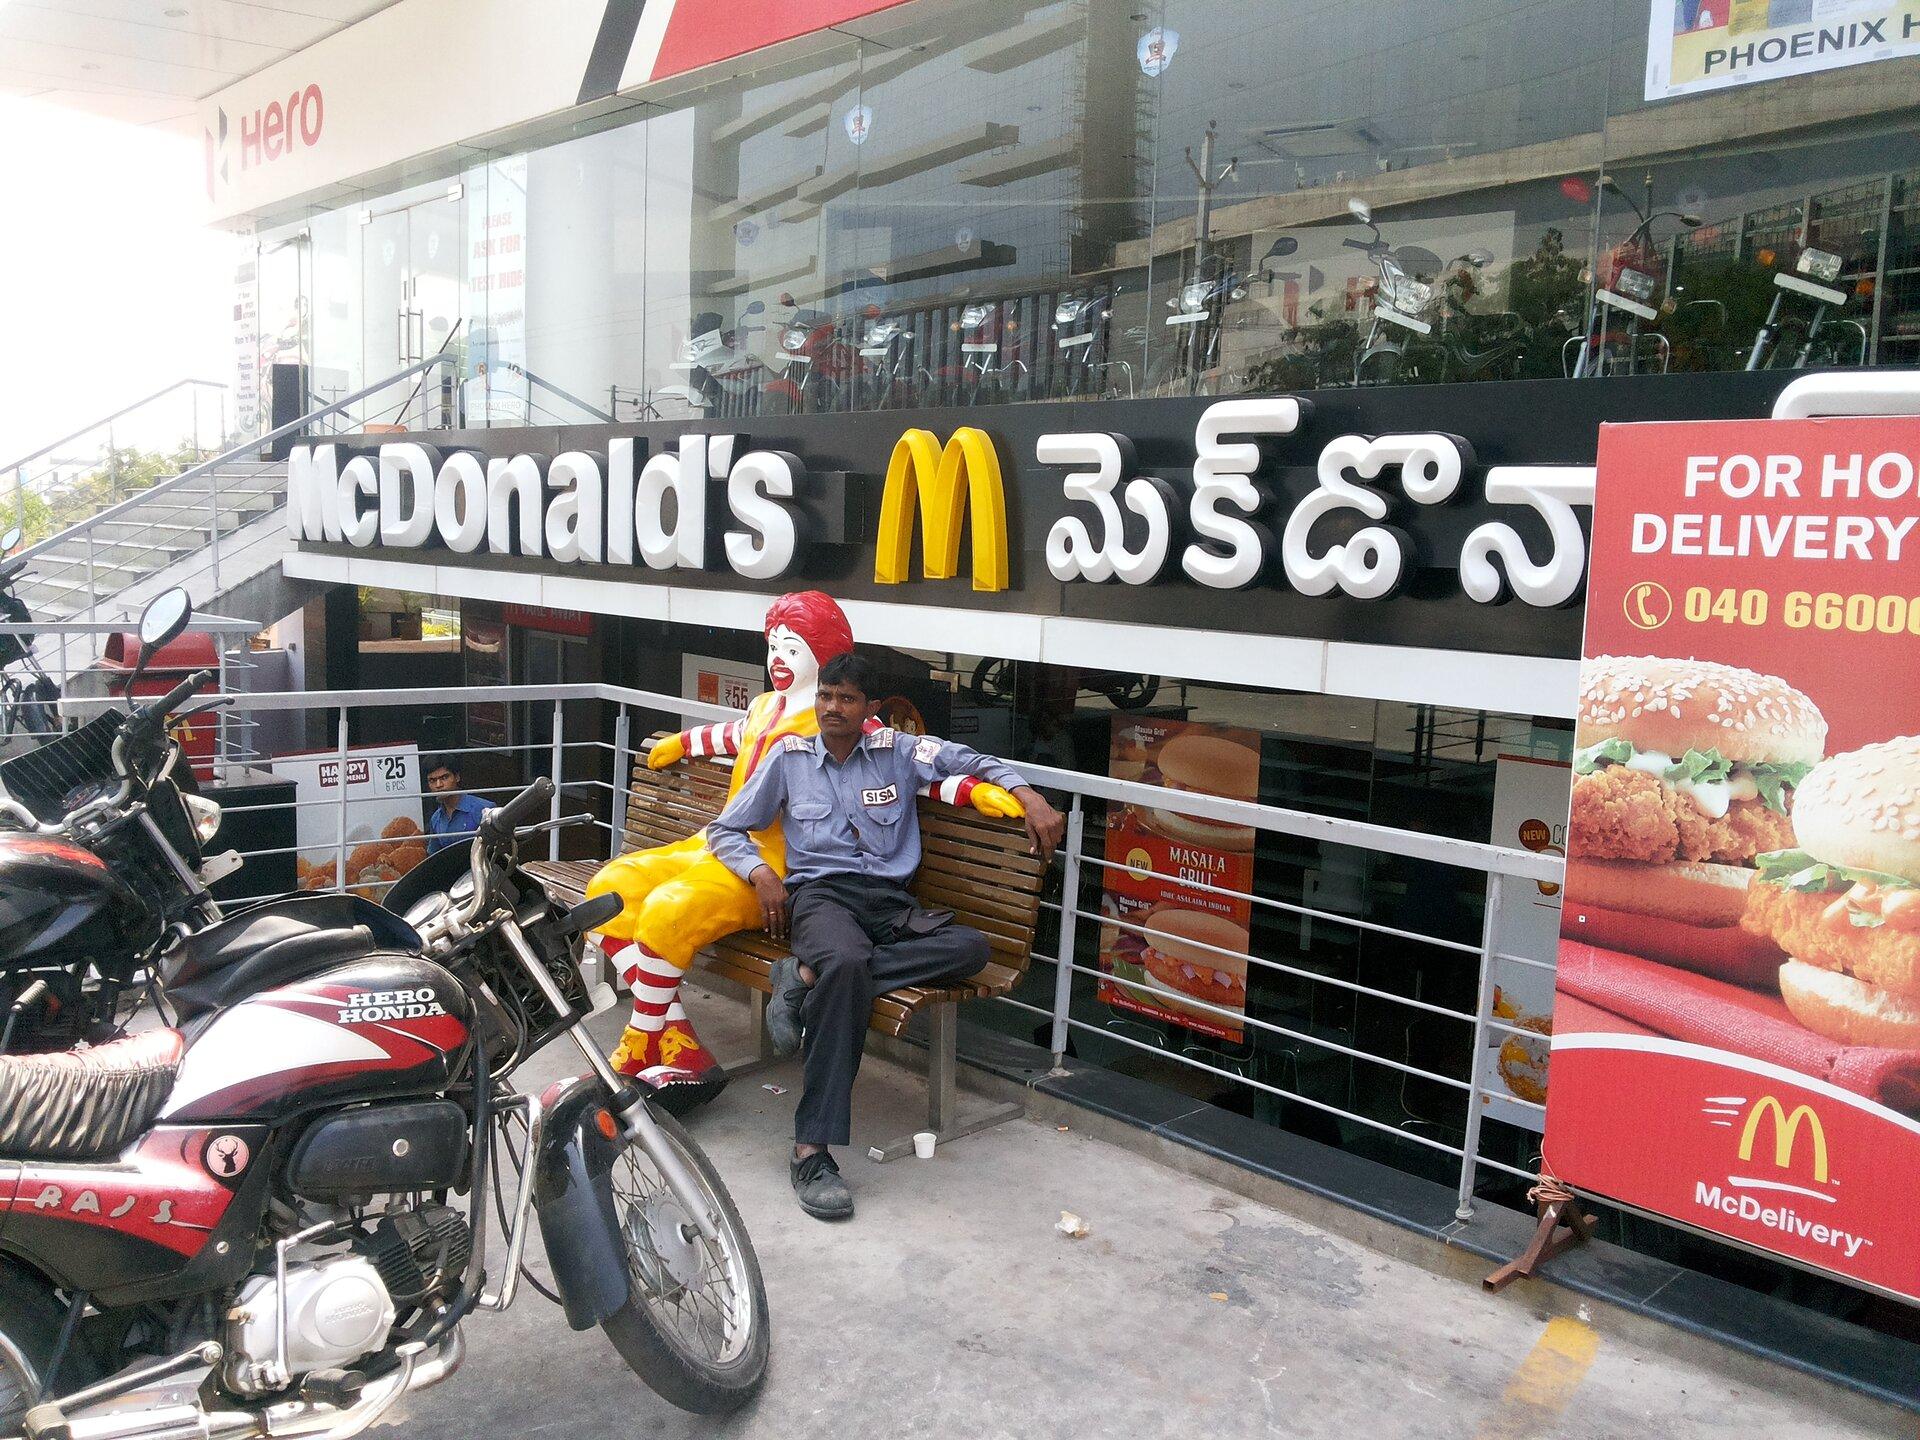 Na zdjęciu restauracja wIndiach. Przed restauracją na ławce siedzi mężczyzna ociemnej karnacji – Hindus. Obok niego plastikowa maskotka restauracji – klaun naturalnych rozmiarów człowieka. Przed restauracją zaparkowane motocykle.